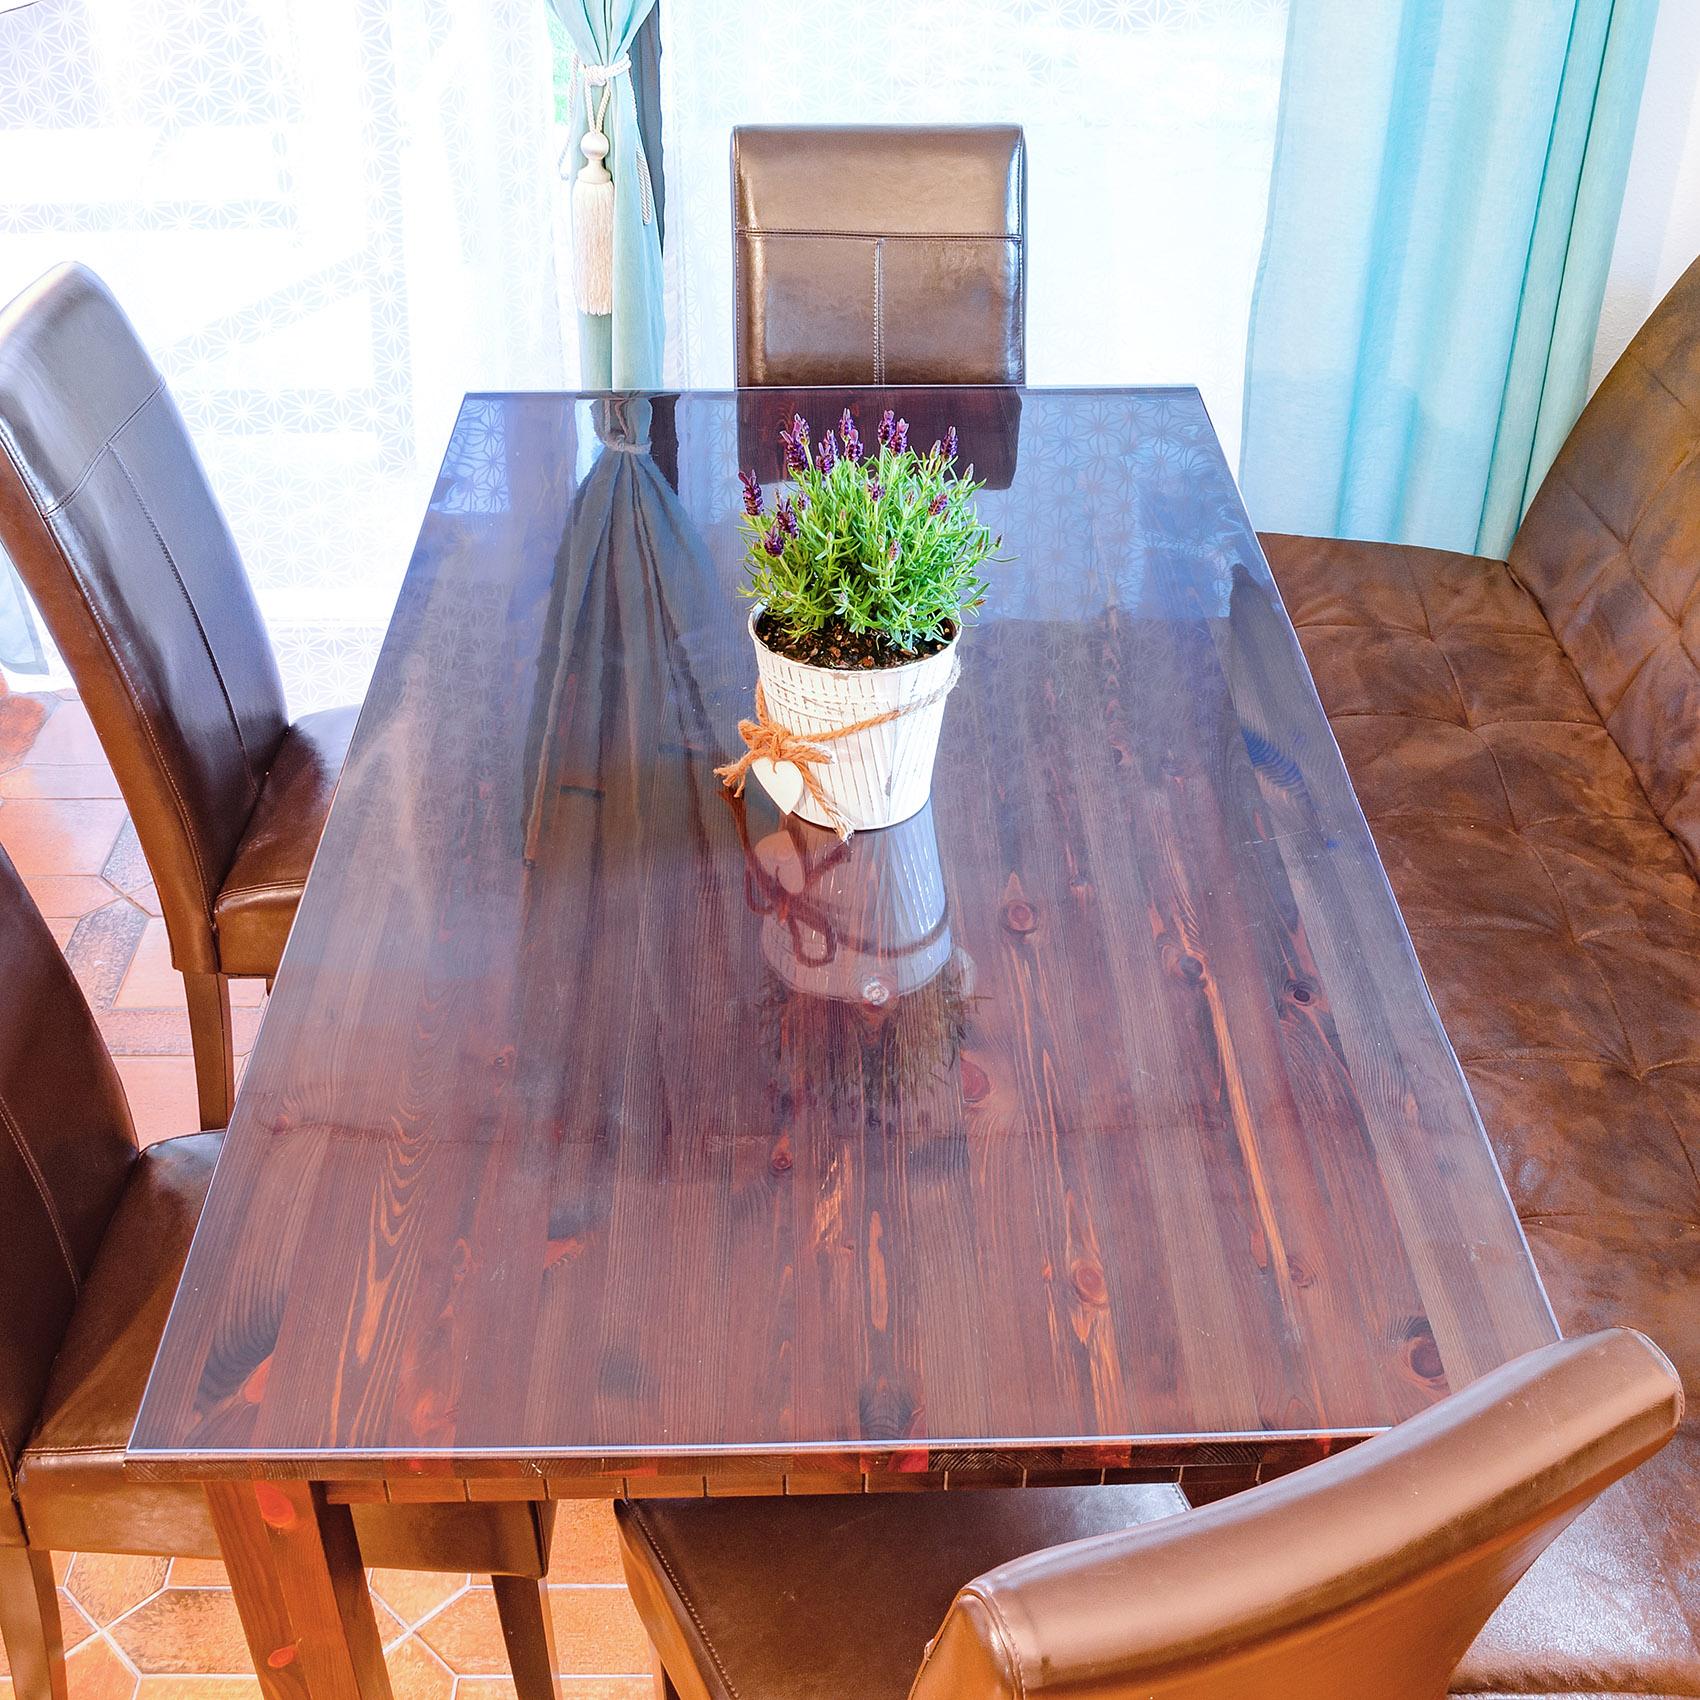 1mm Weich folien Tischschutz Transparente PVC-Folie Breite 140 cm